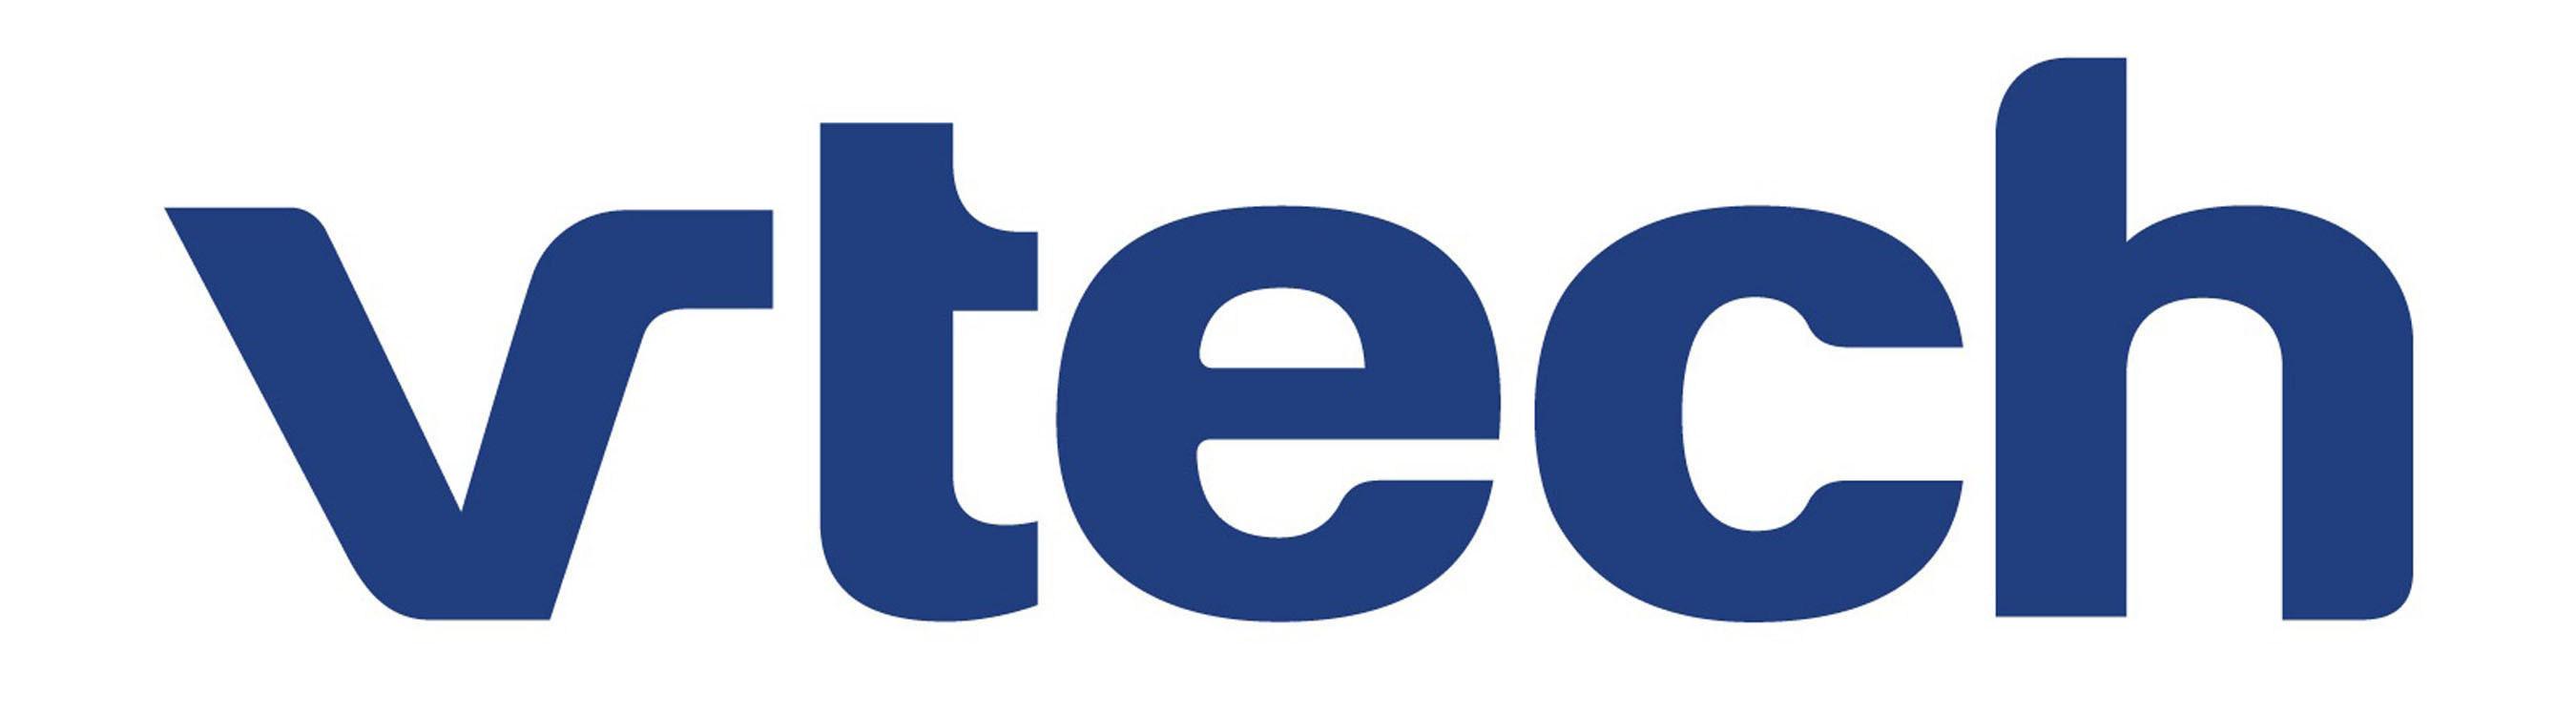 Actualización del incidente de ciberataque VTech